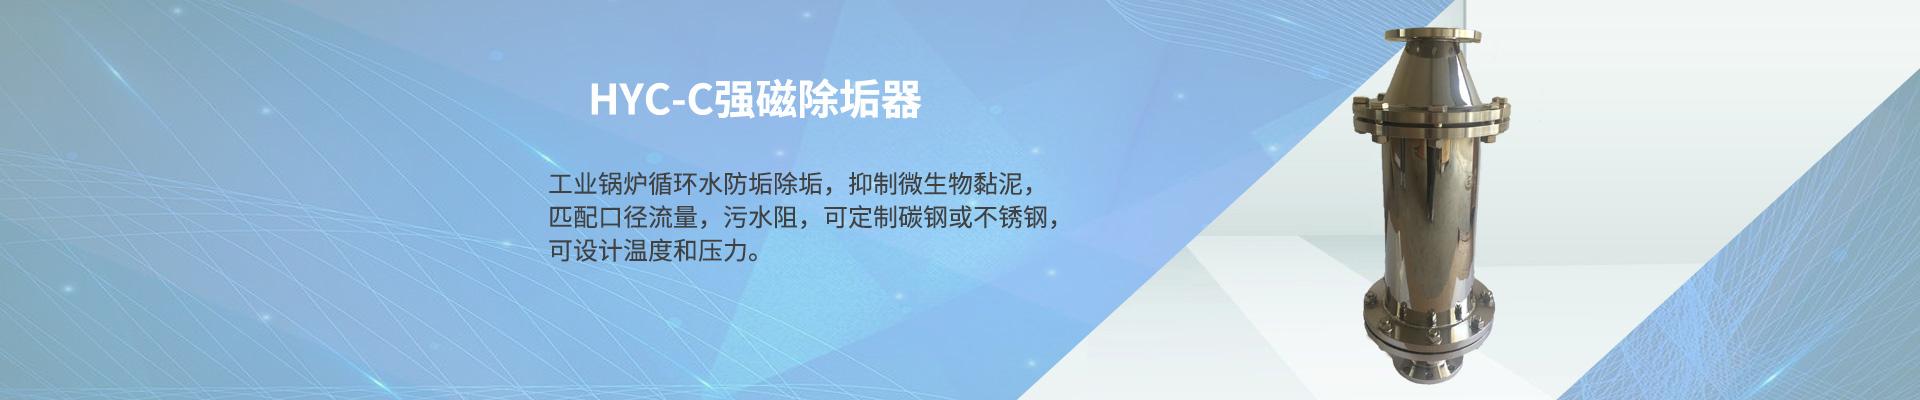 潍坊海扬磁水处理设备有限公司石家庄分公司